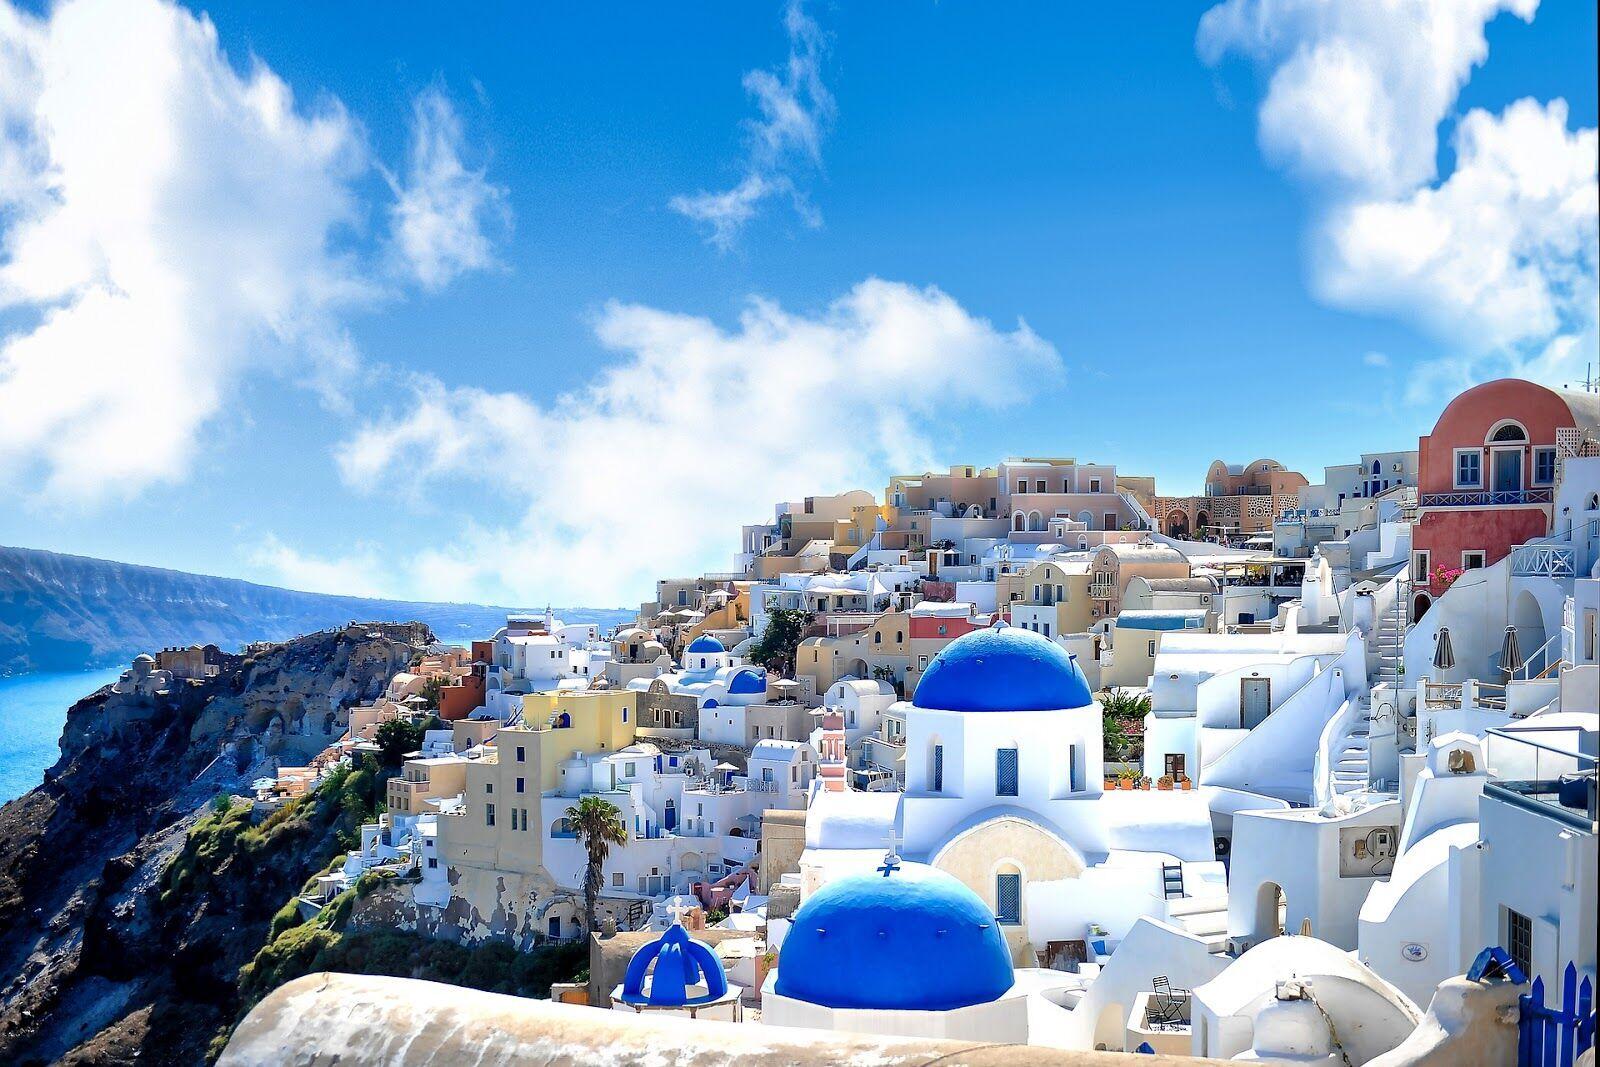 Рейсы в Грецию будут осуществляться из 5 городов Украины – Киева, Львова, Днепра, Одессы и Харькова.